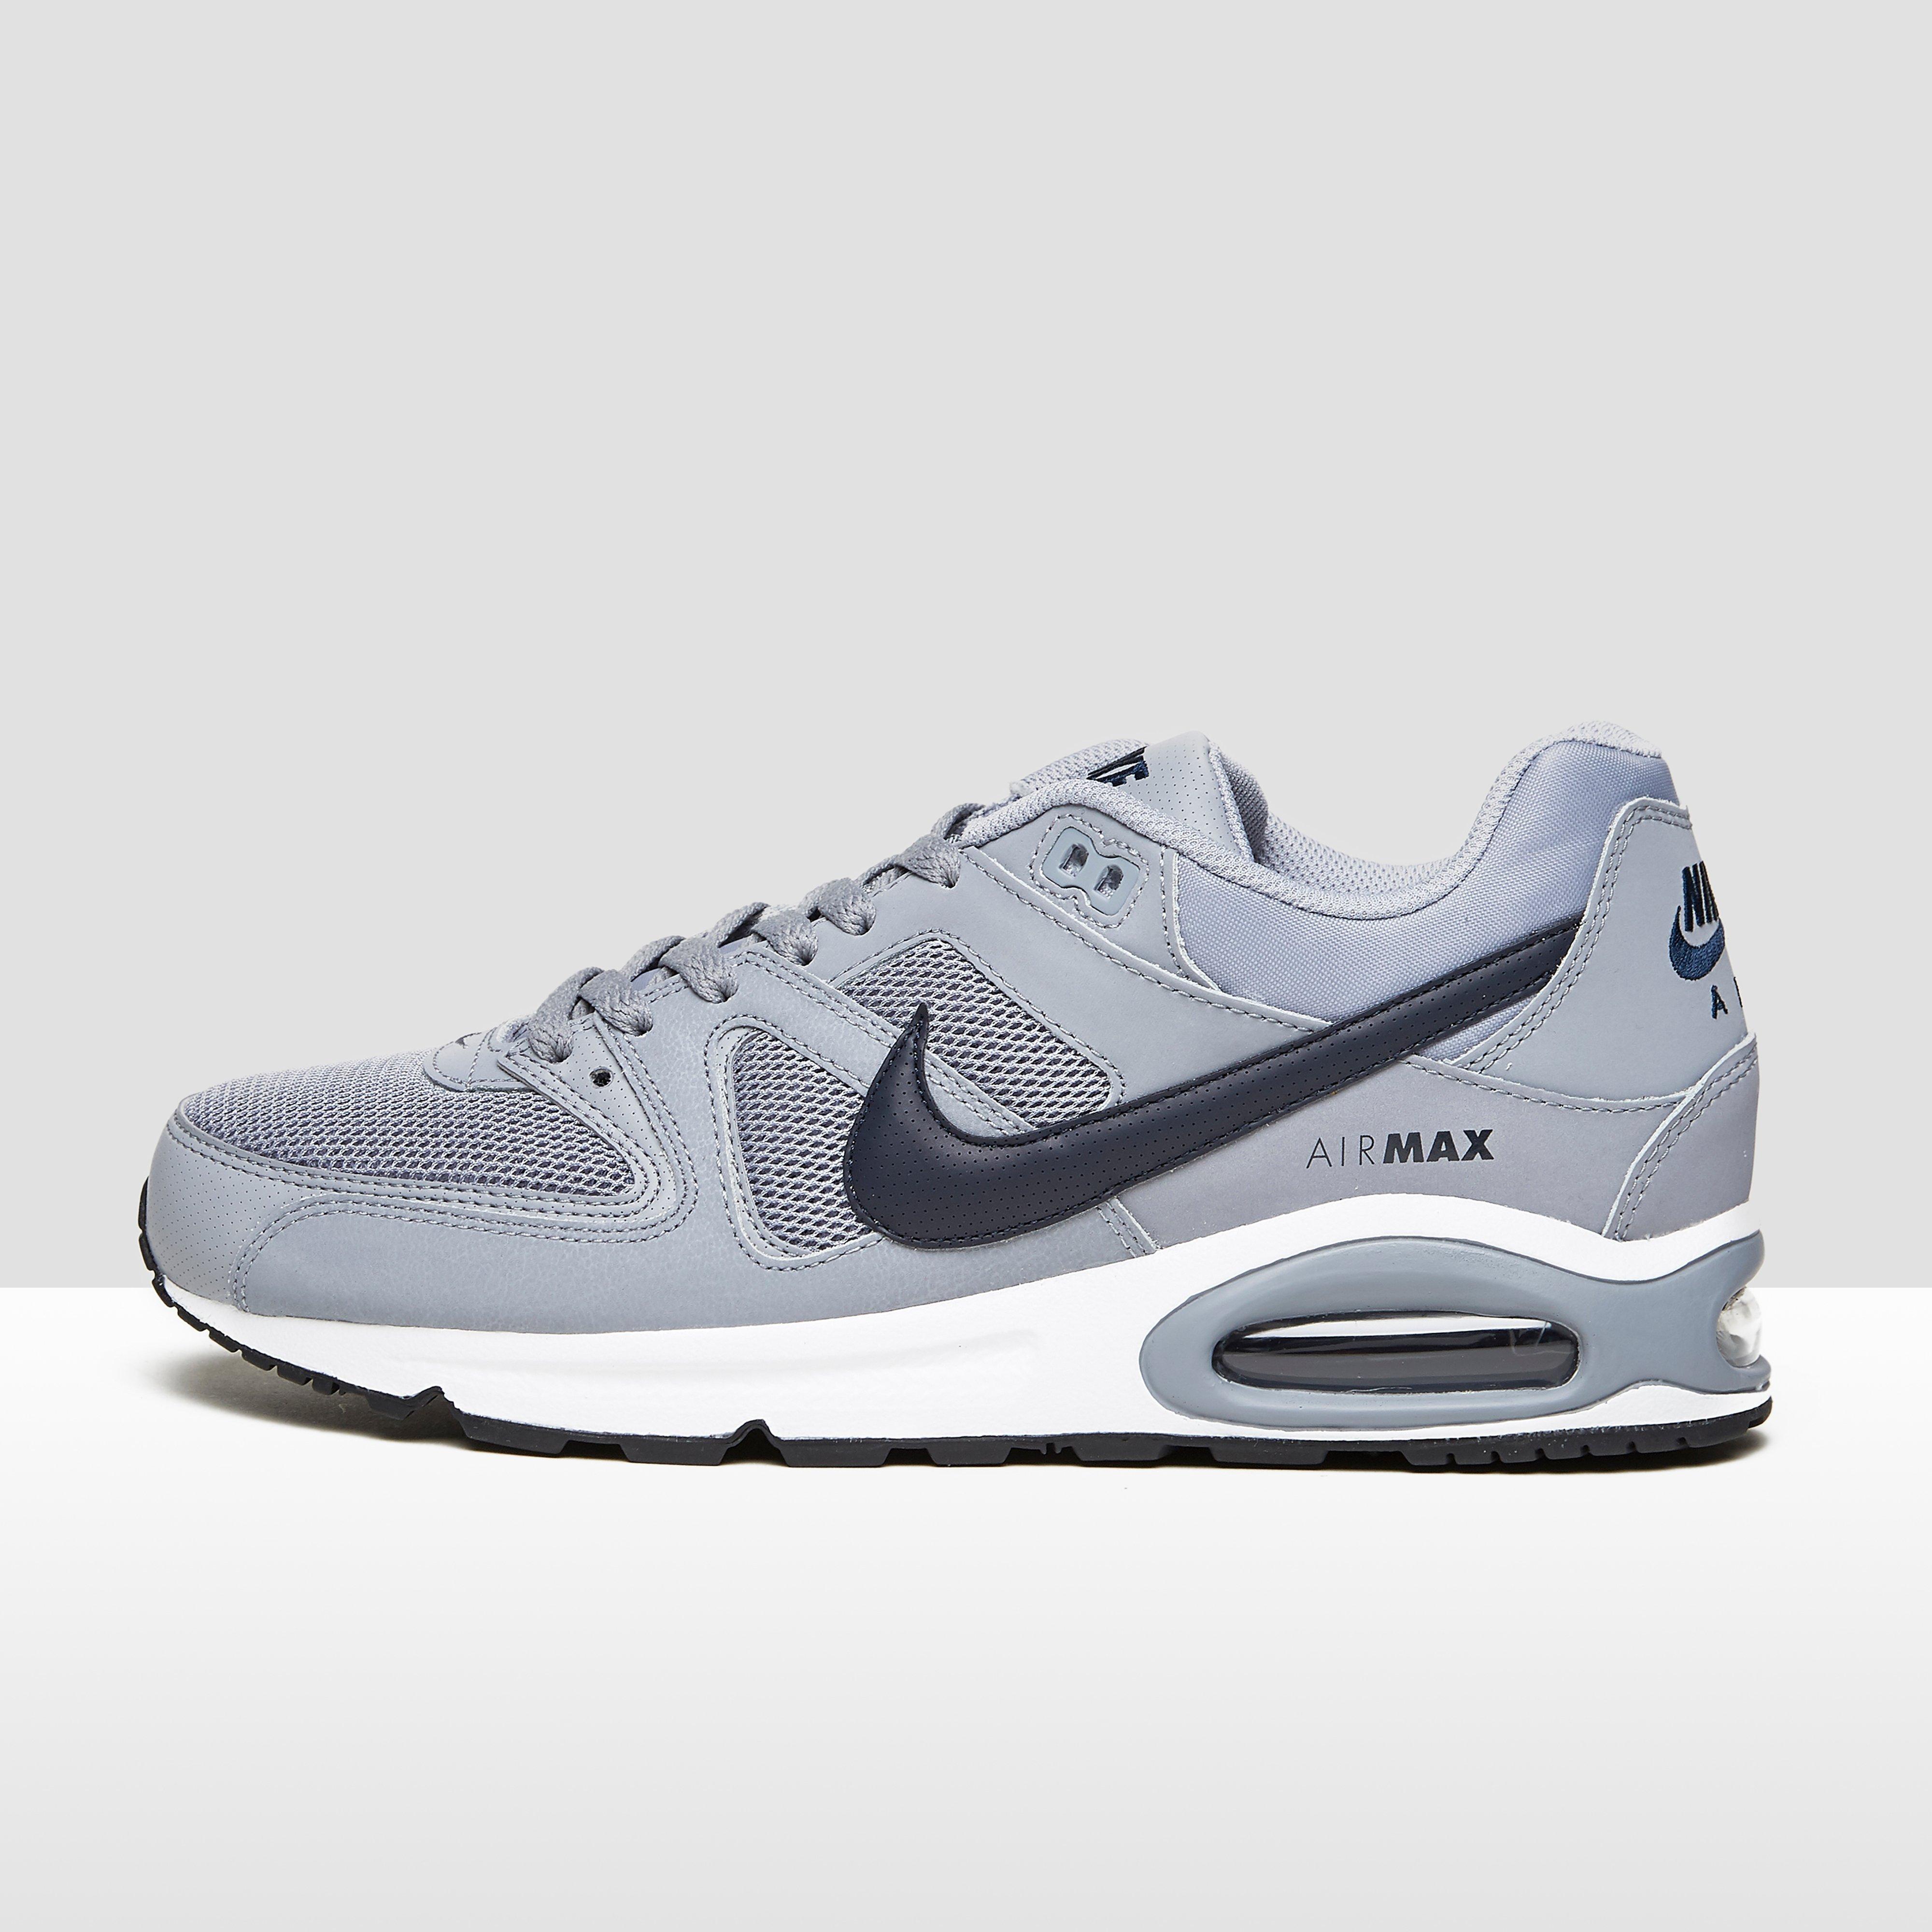 Nike Chaussures De Sport De Commande Air Max G8yGT